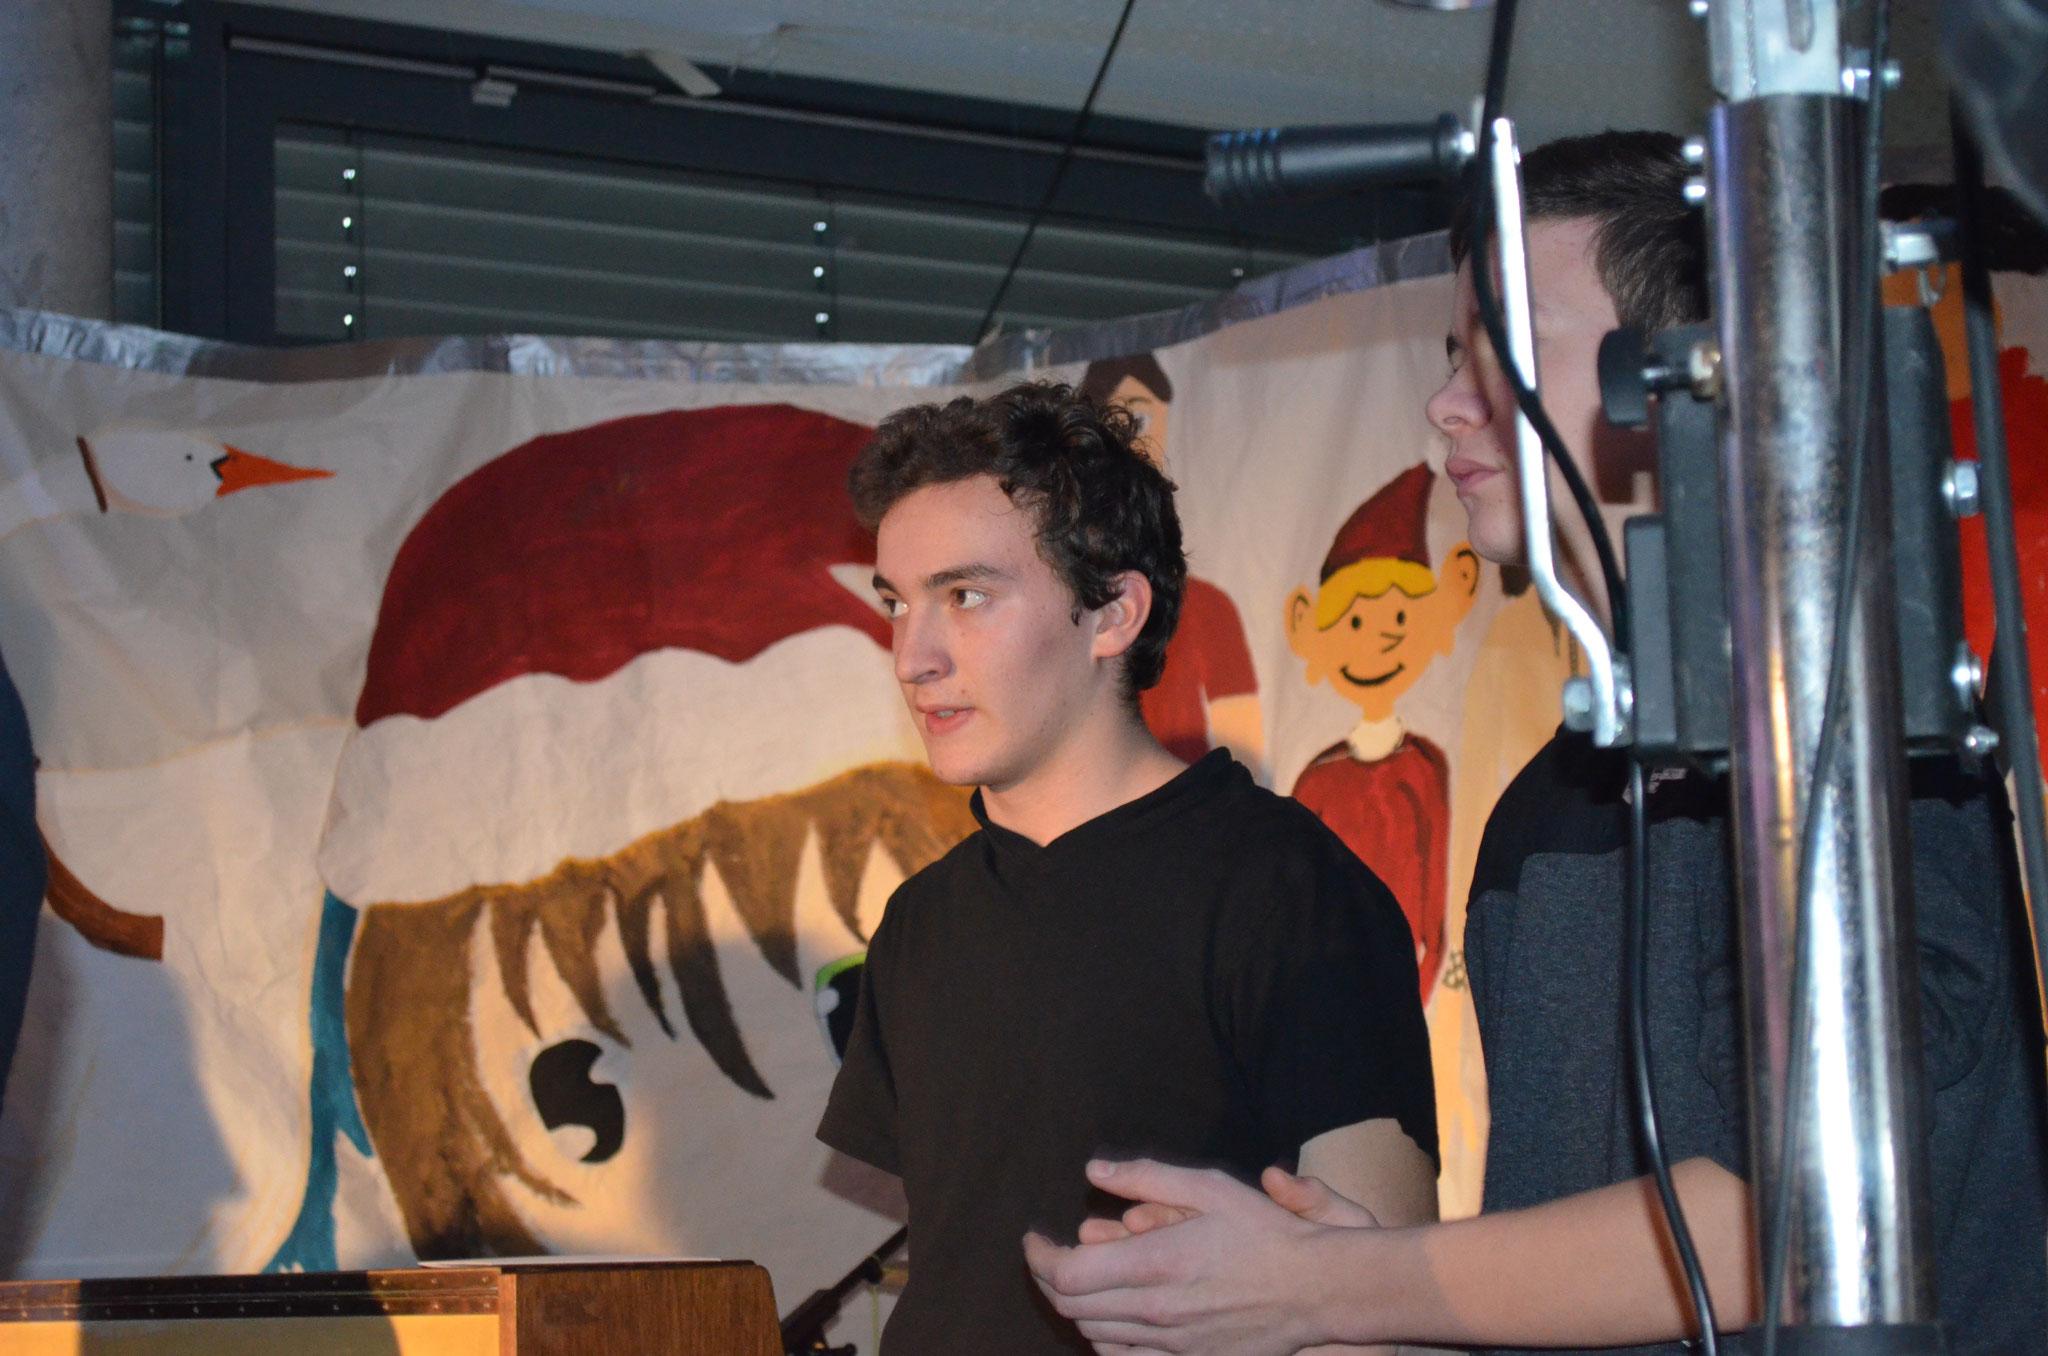 Die Ton- und Lichtmeister Pierre und Lukas bewiesen Kompetenz und Organisationstalent.